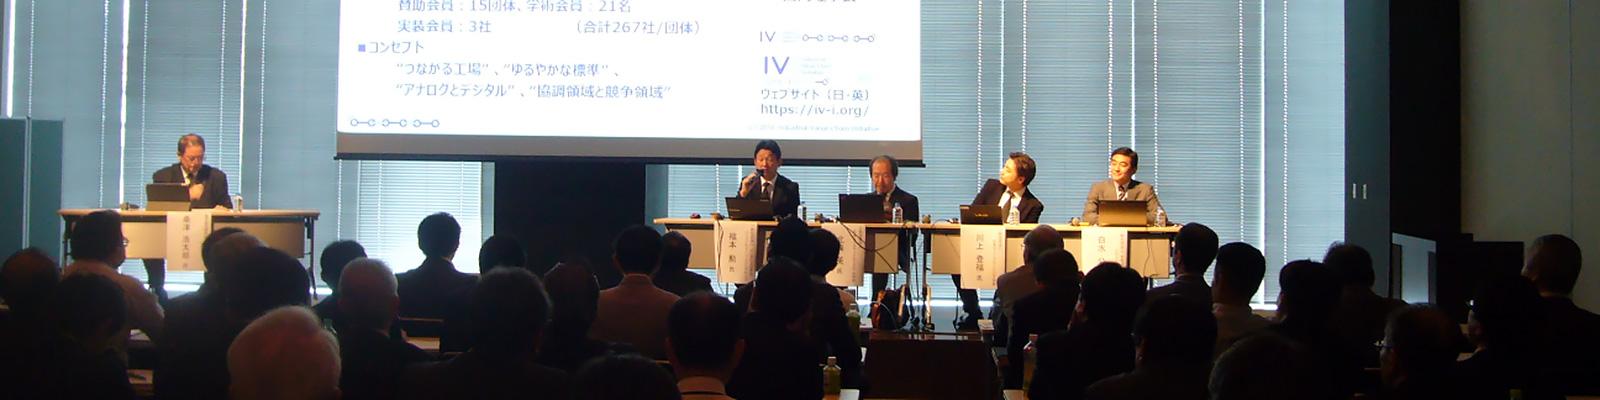 """""""産業と社会を変えるデジタライゼーション""""がテーマ「第5回 IoT/AI ビジネスカンファレンス」開催レポート"""